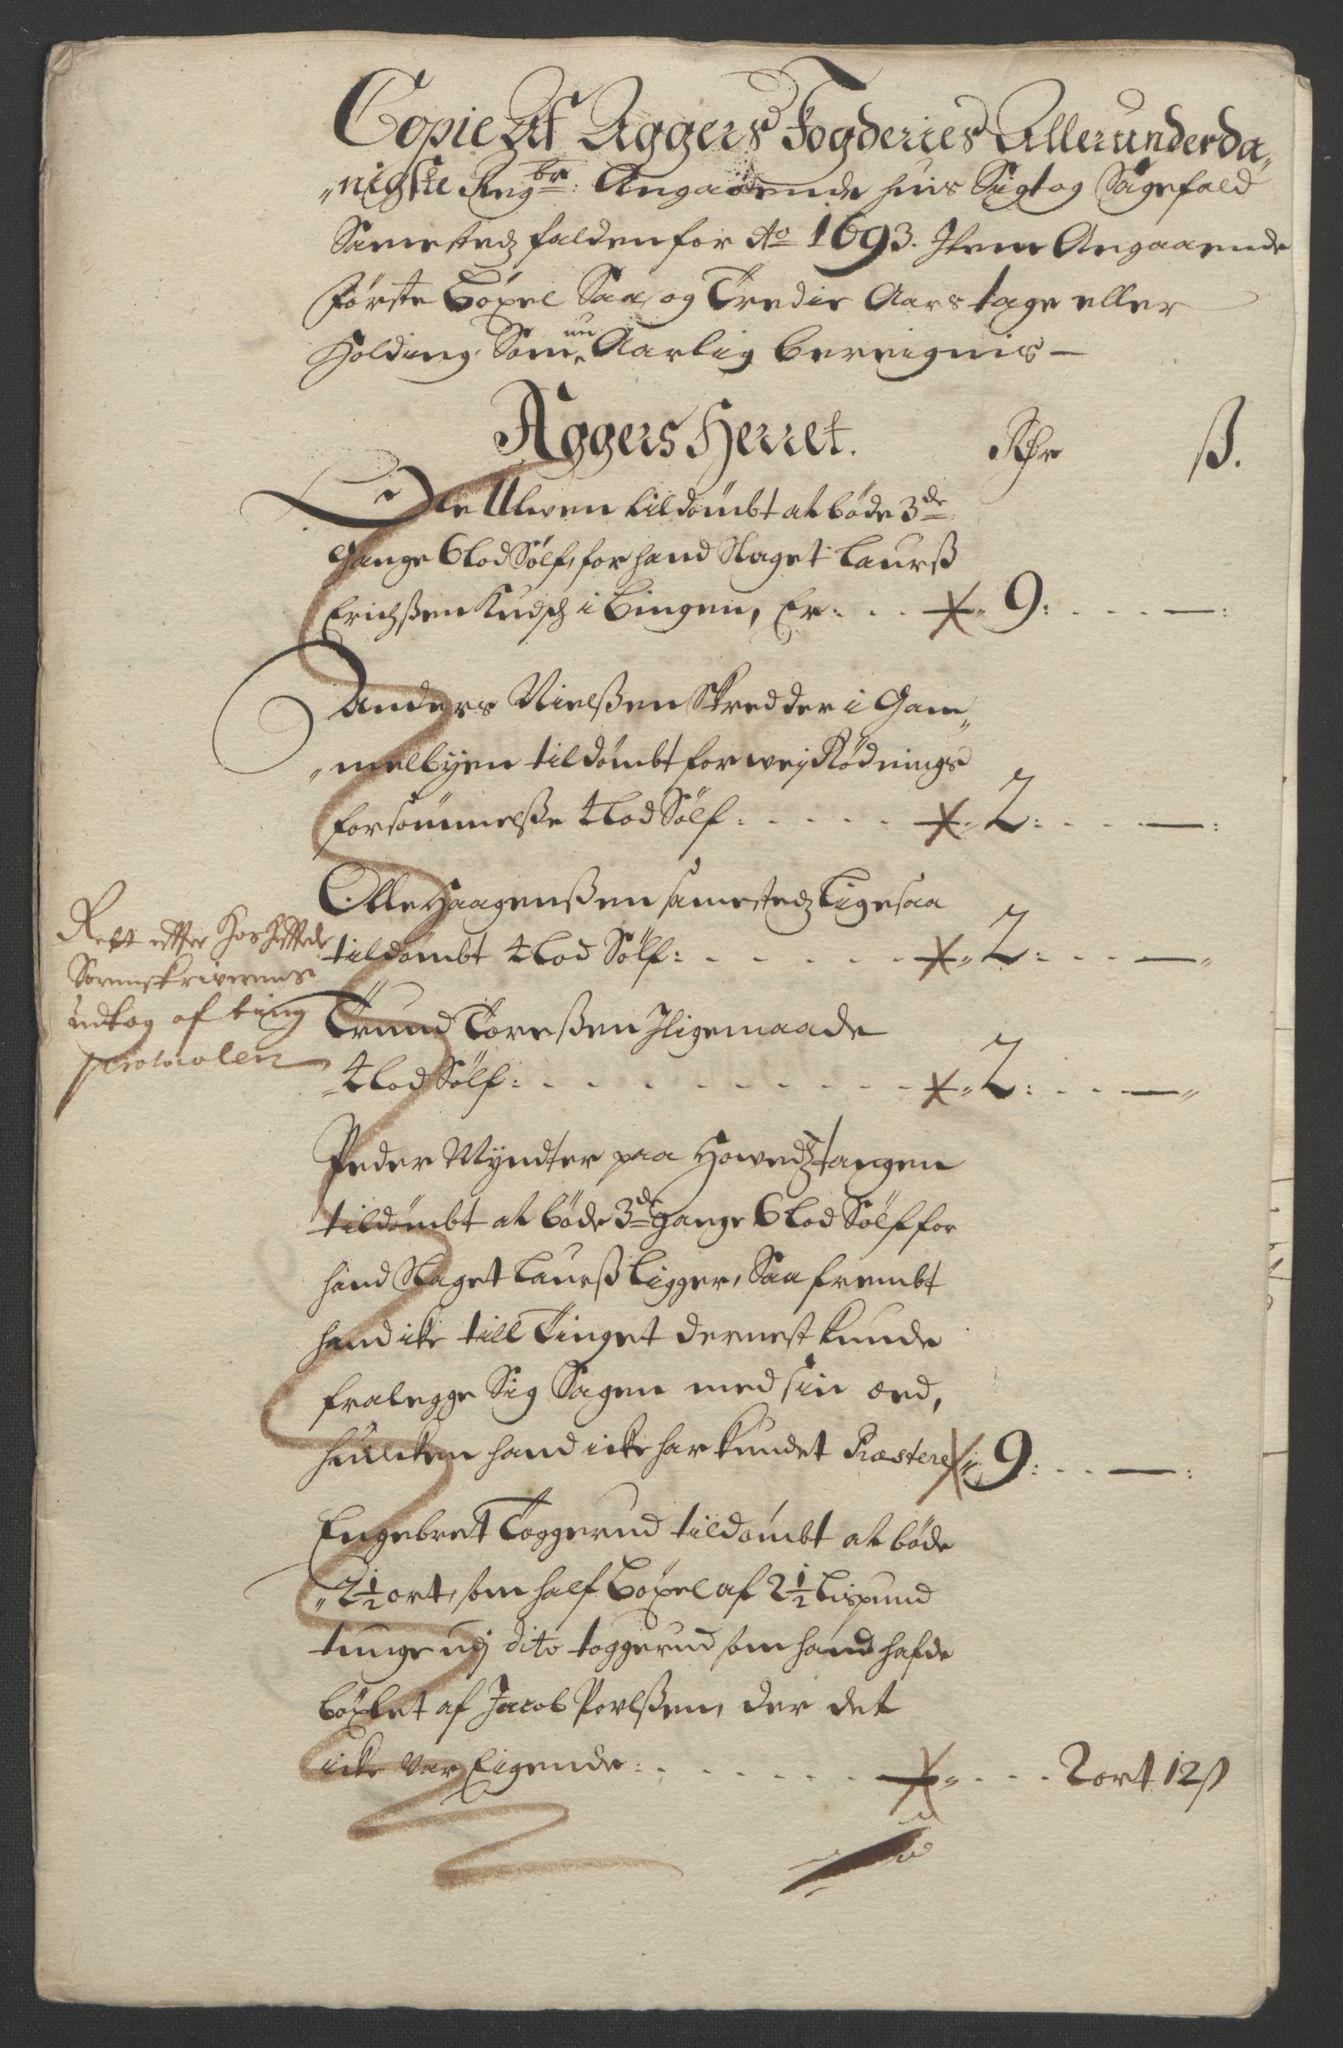 RA, Rentekammeret inntil 1814, Reviderte regnskaper, Fogderegnskap, R08/L0426: Fogderegnskap Aker, 1692-1693, s. 330